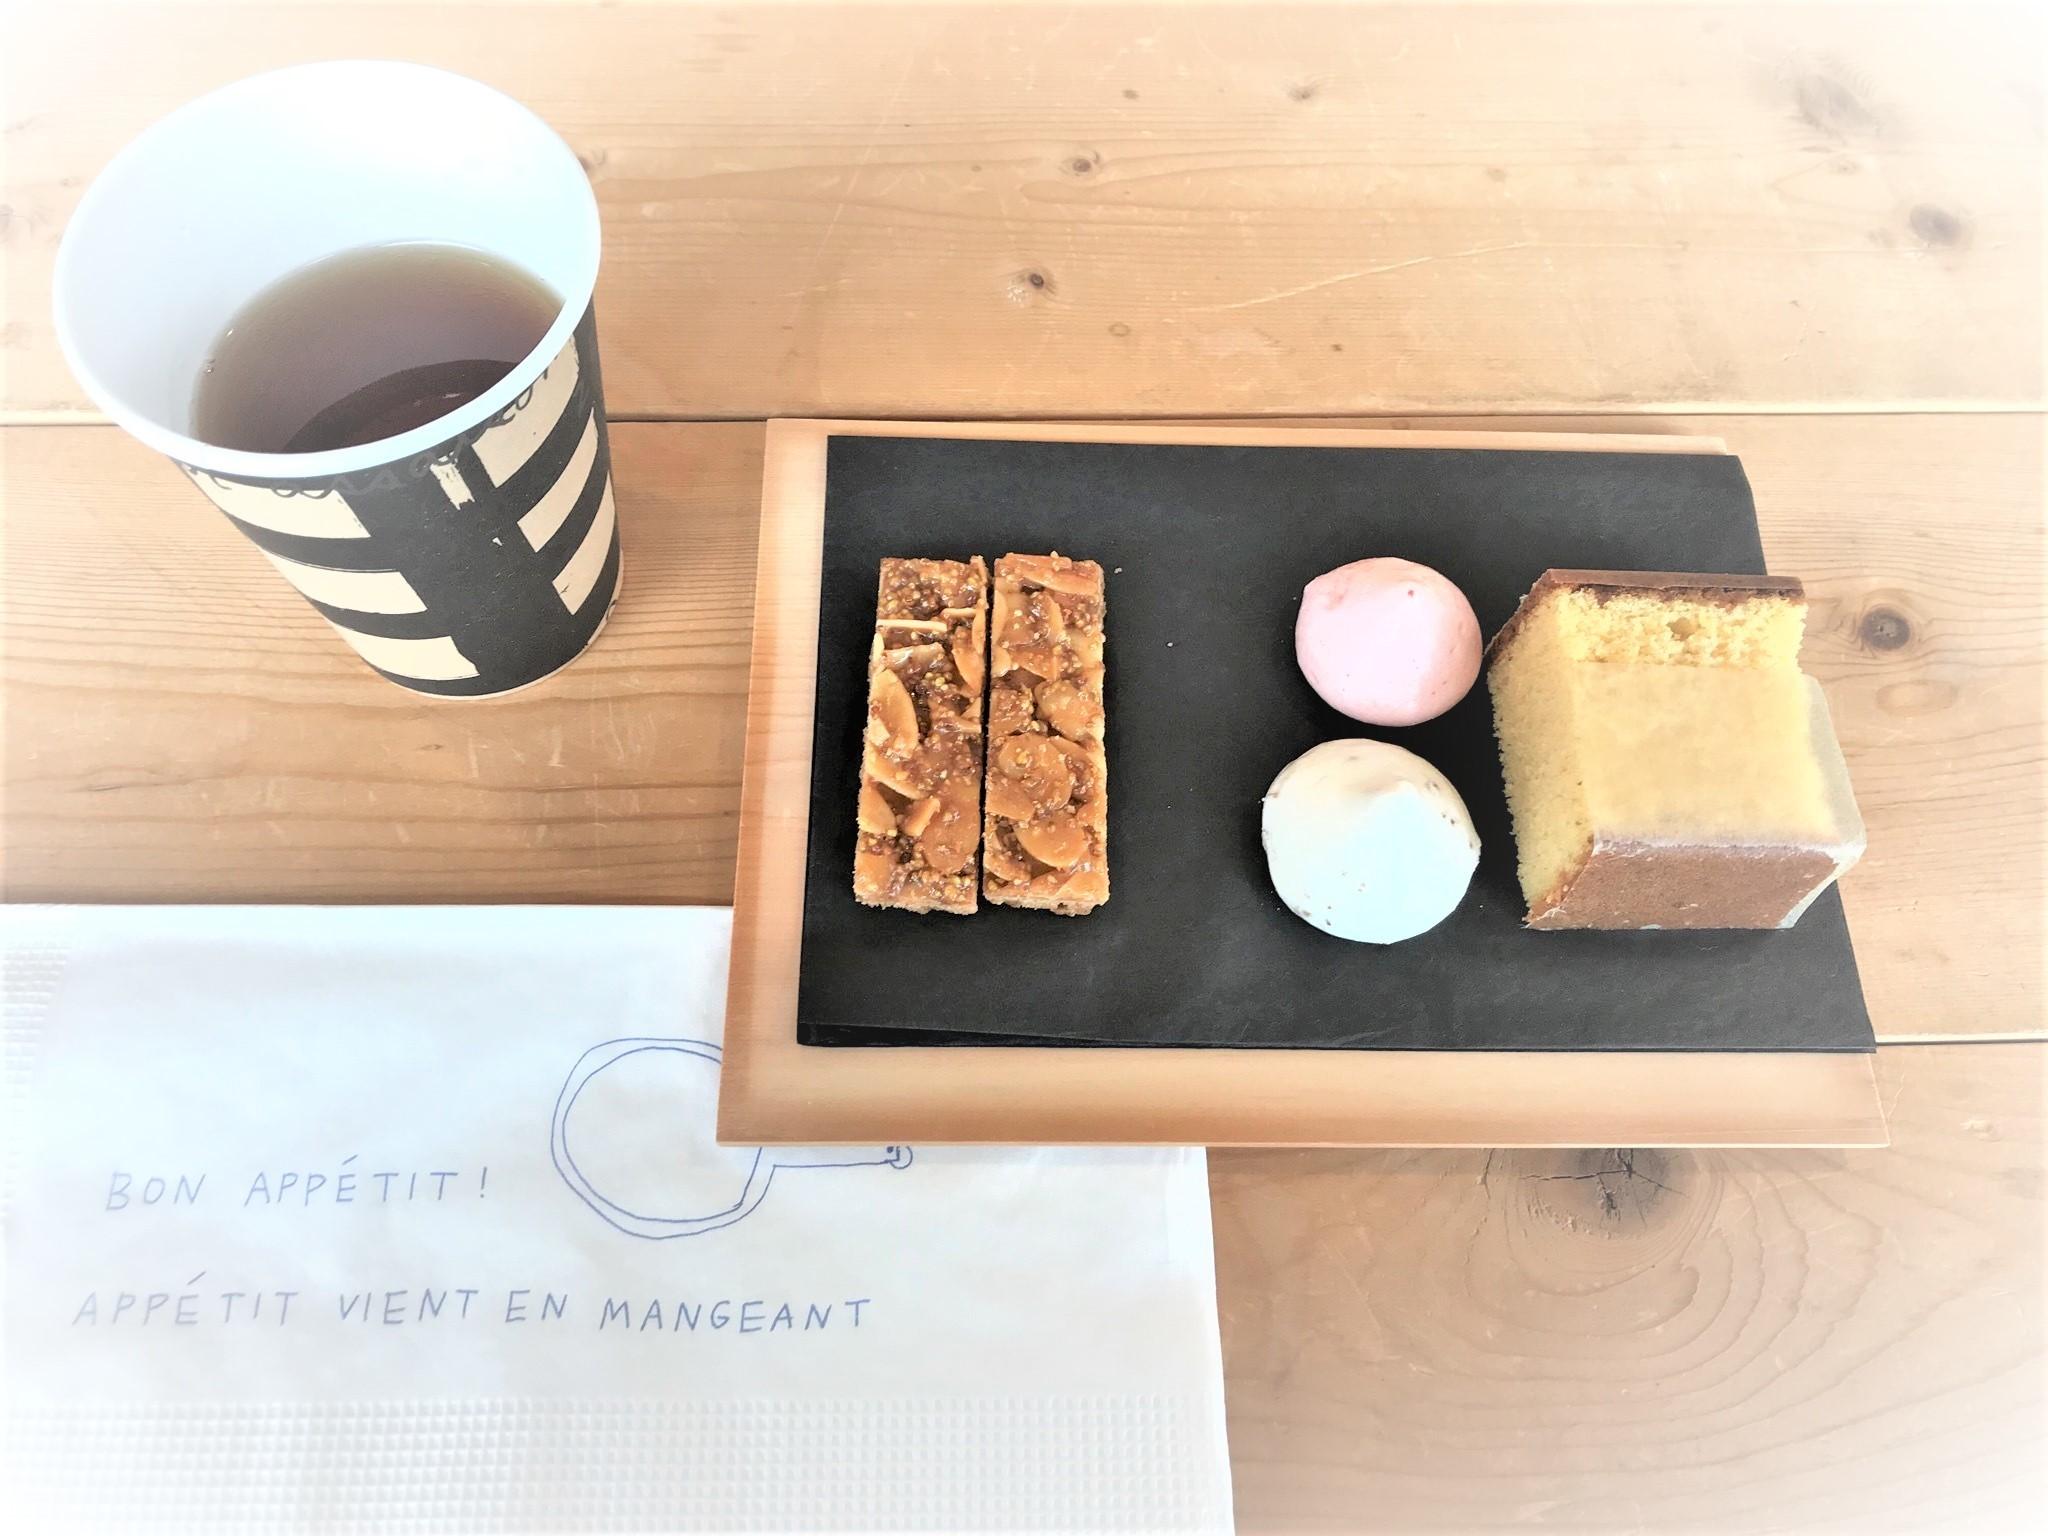 【日々のこと】堀井和子さんのお茶会に行ってきました♪_a0335677_18312732.jpg